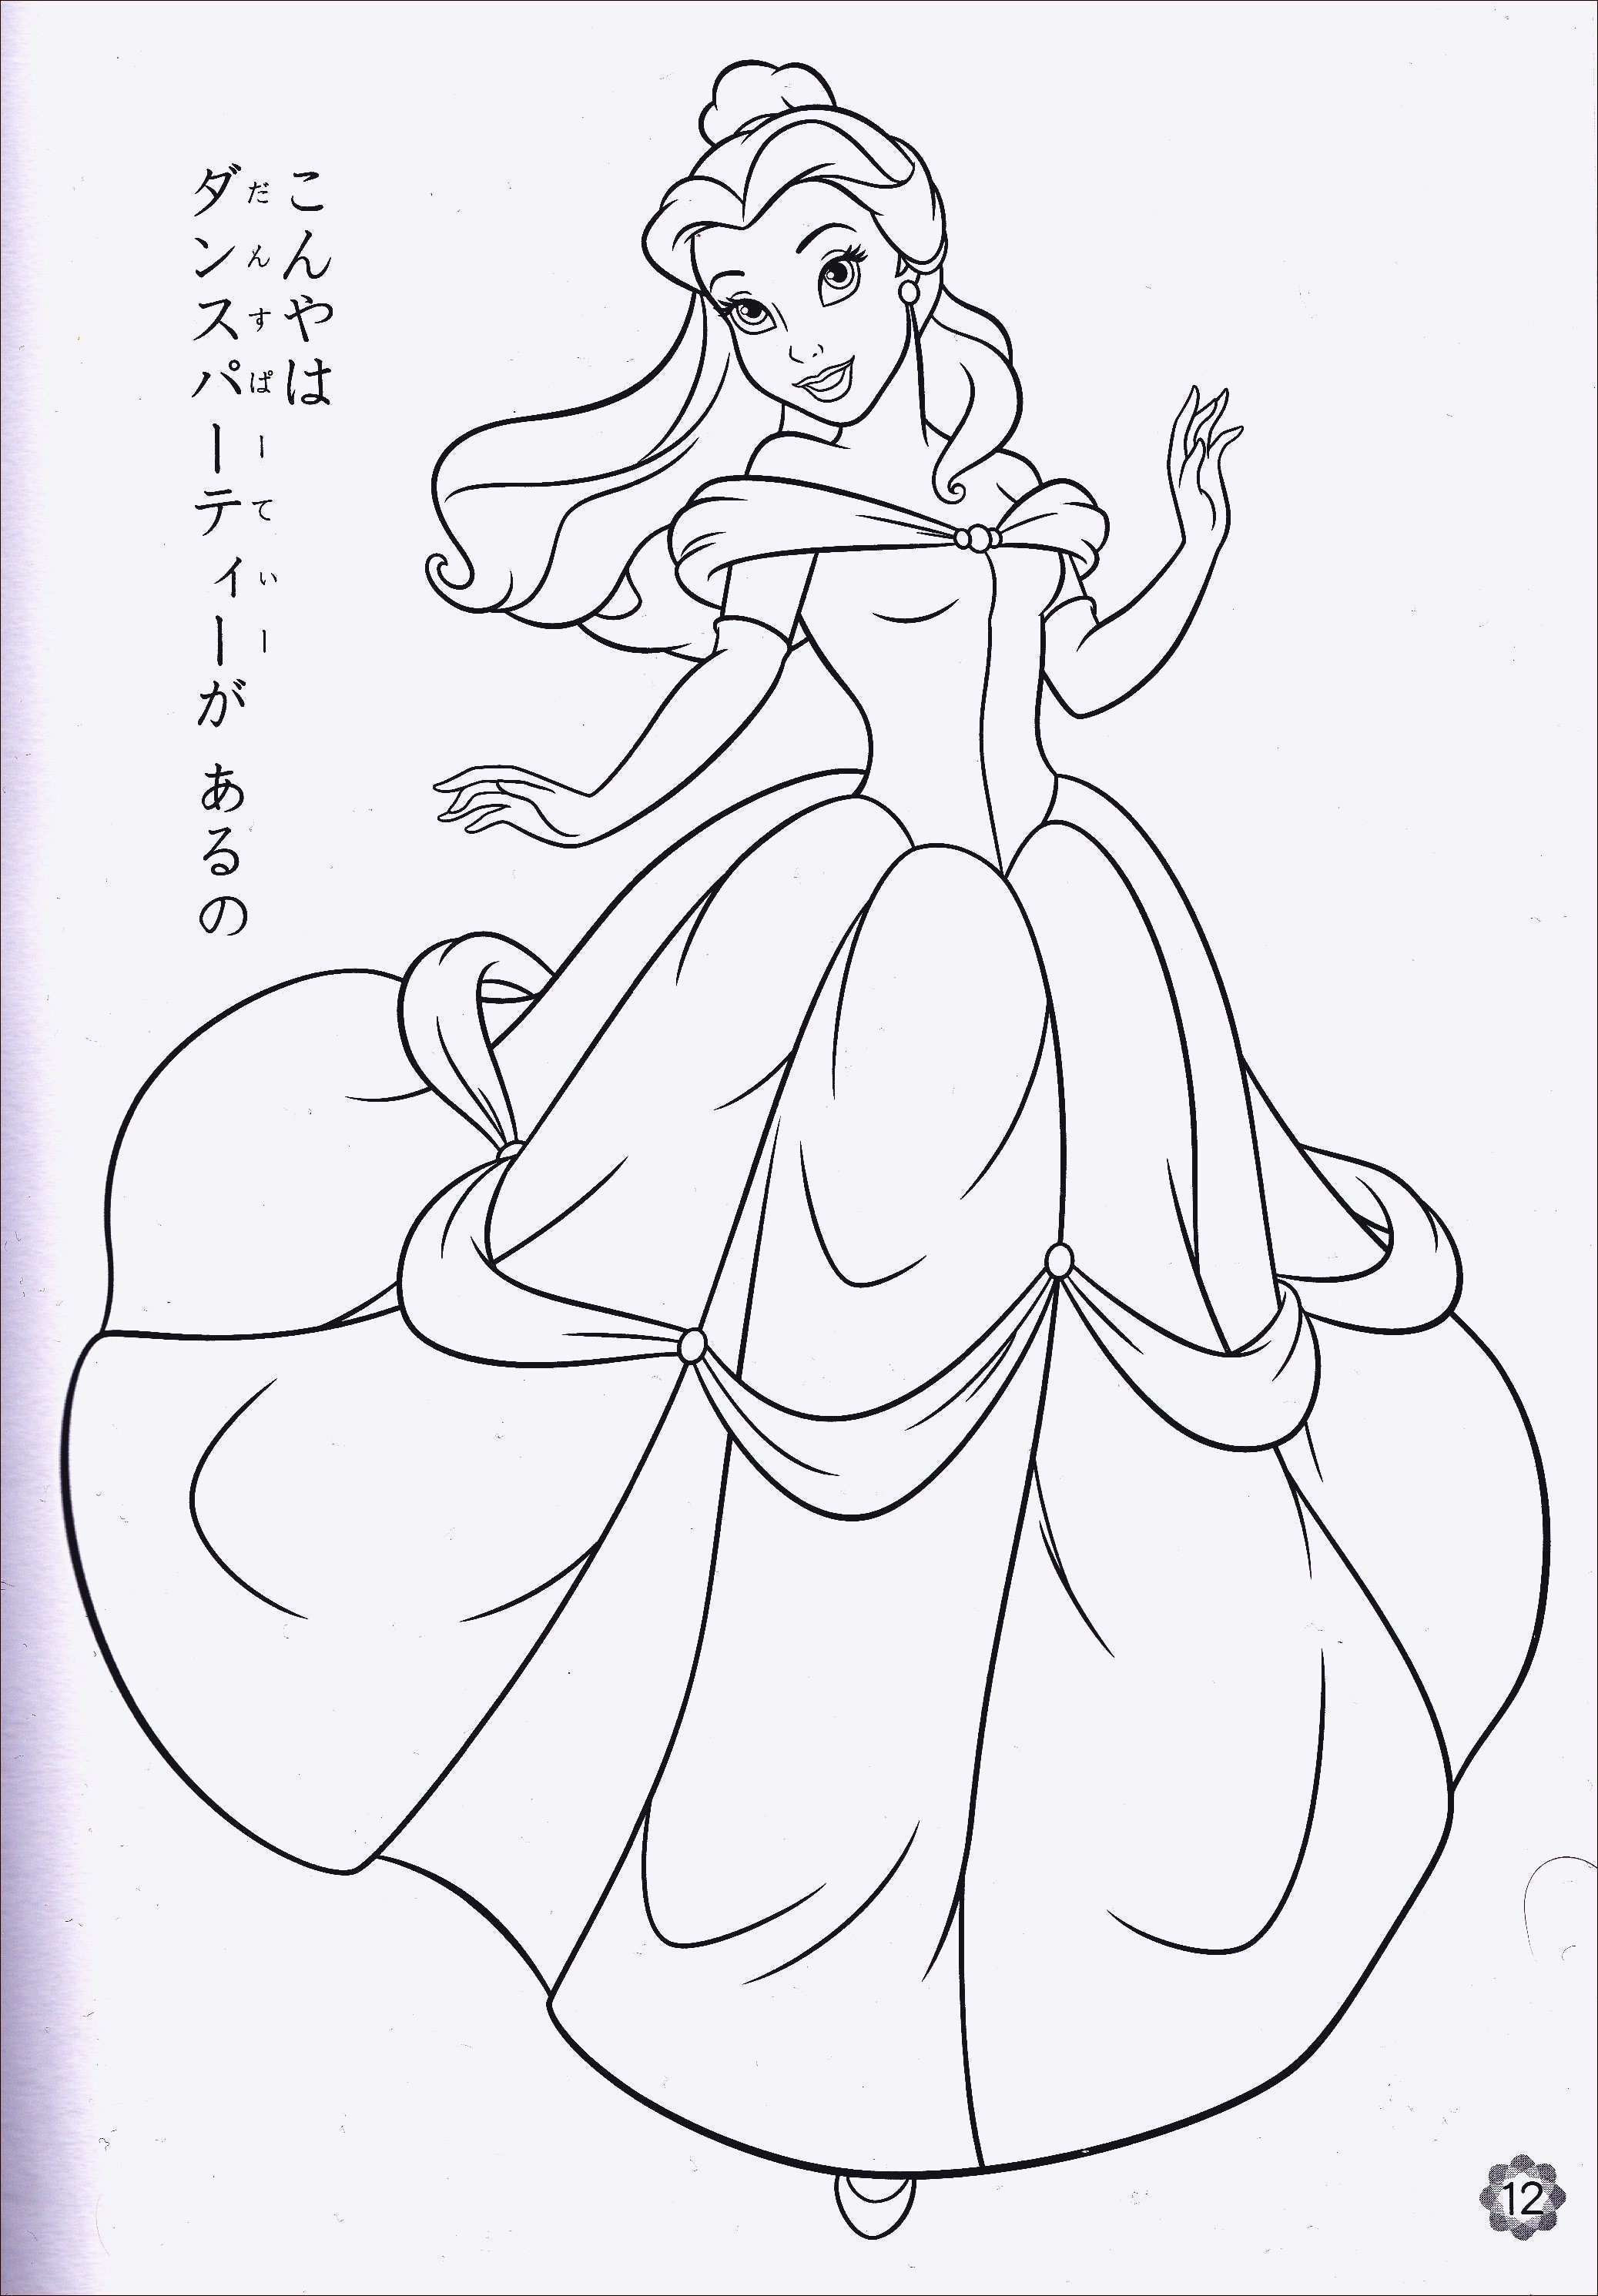 Malvorlagen Disney Das Beste Von Best Disney Princess Clipart – Aaaaaashu Dwdk Sammlung